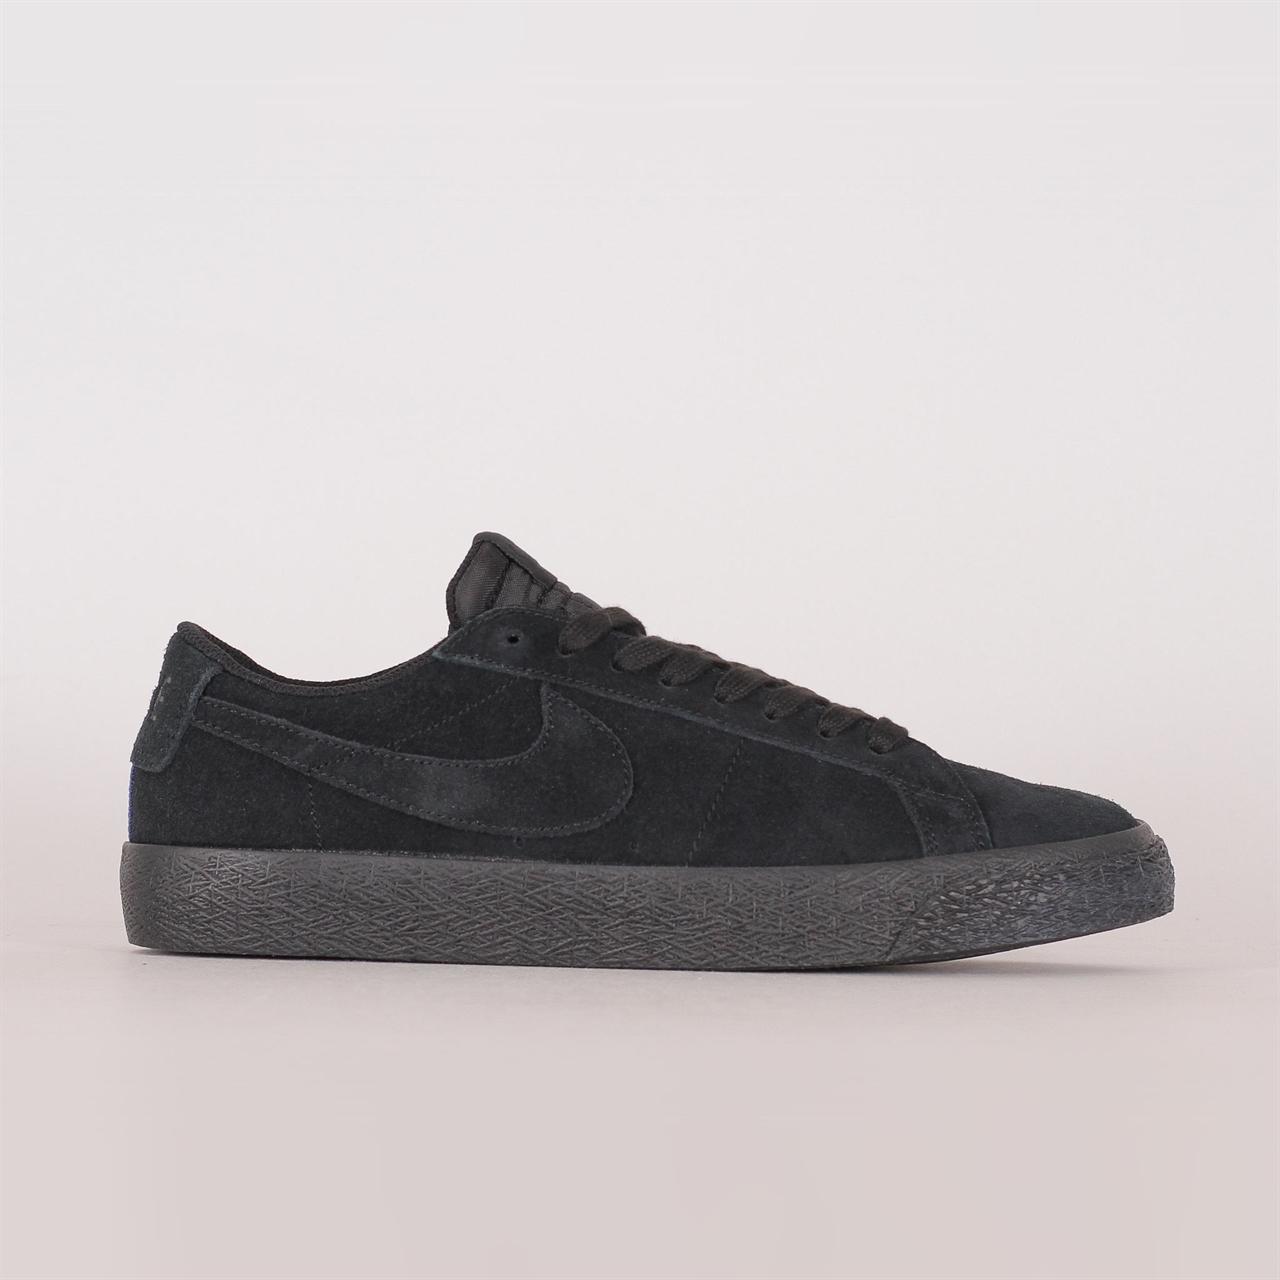 60a9f9b282de Shelta - Nike SB Zoom Blazer Low (864347-004)